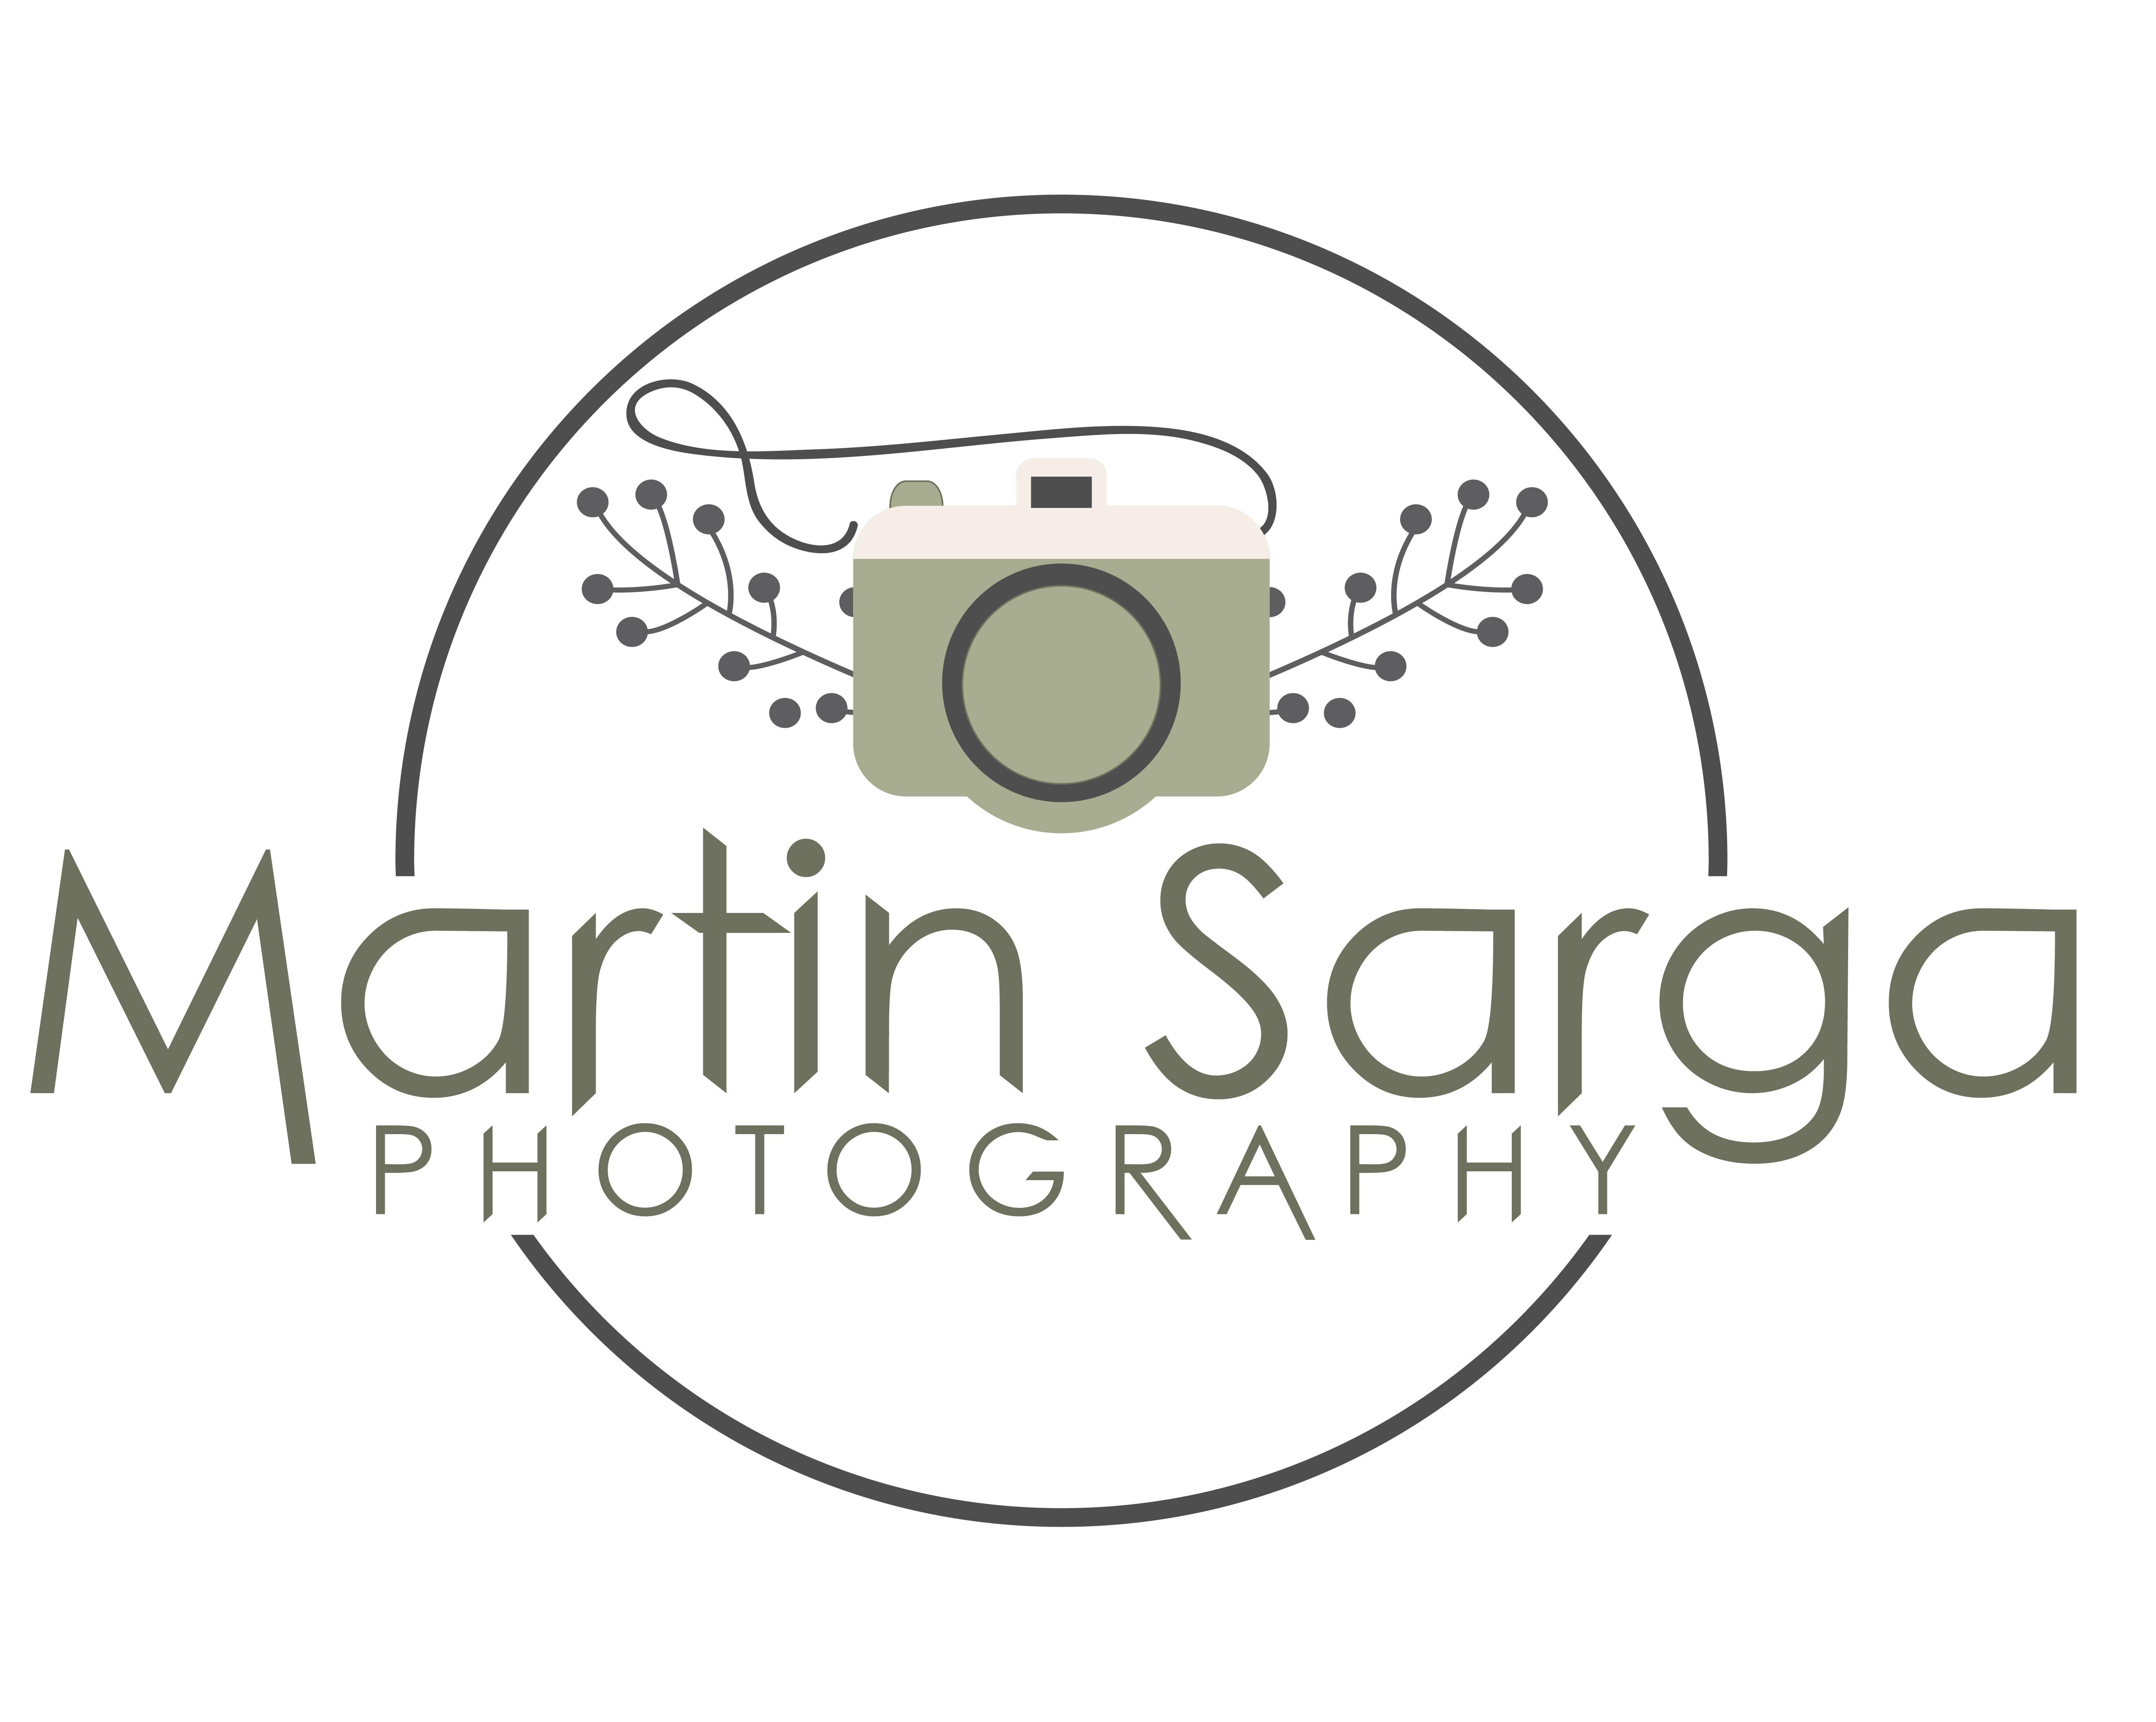 Martin Sarga